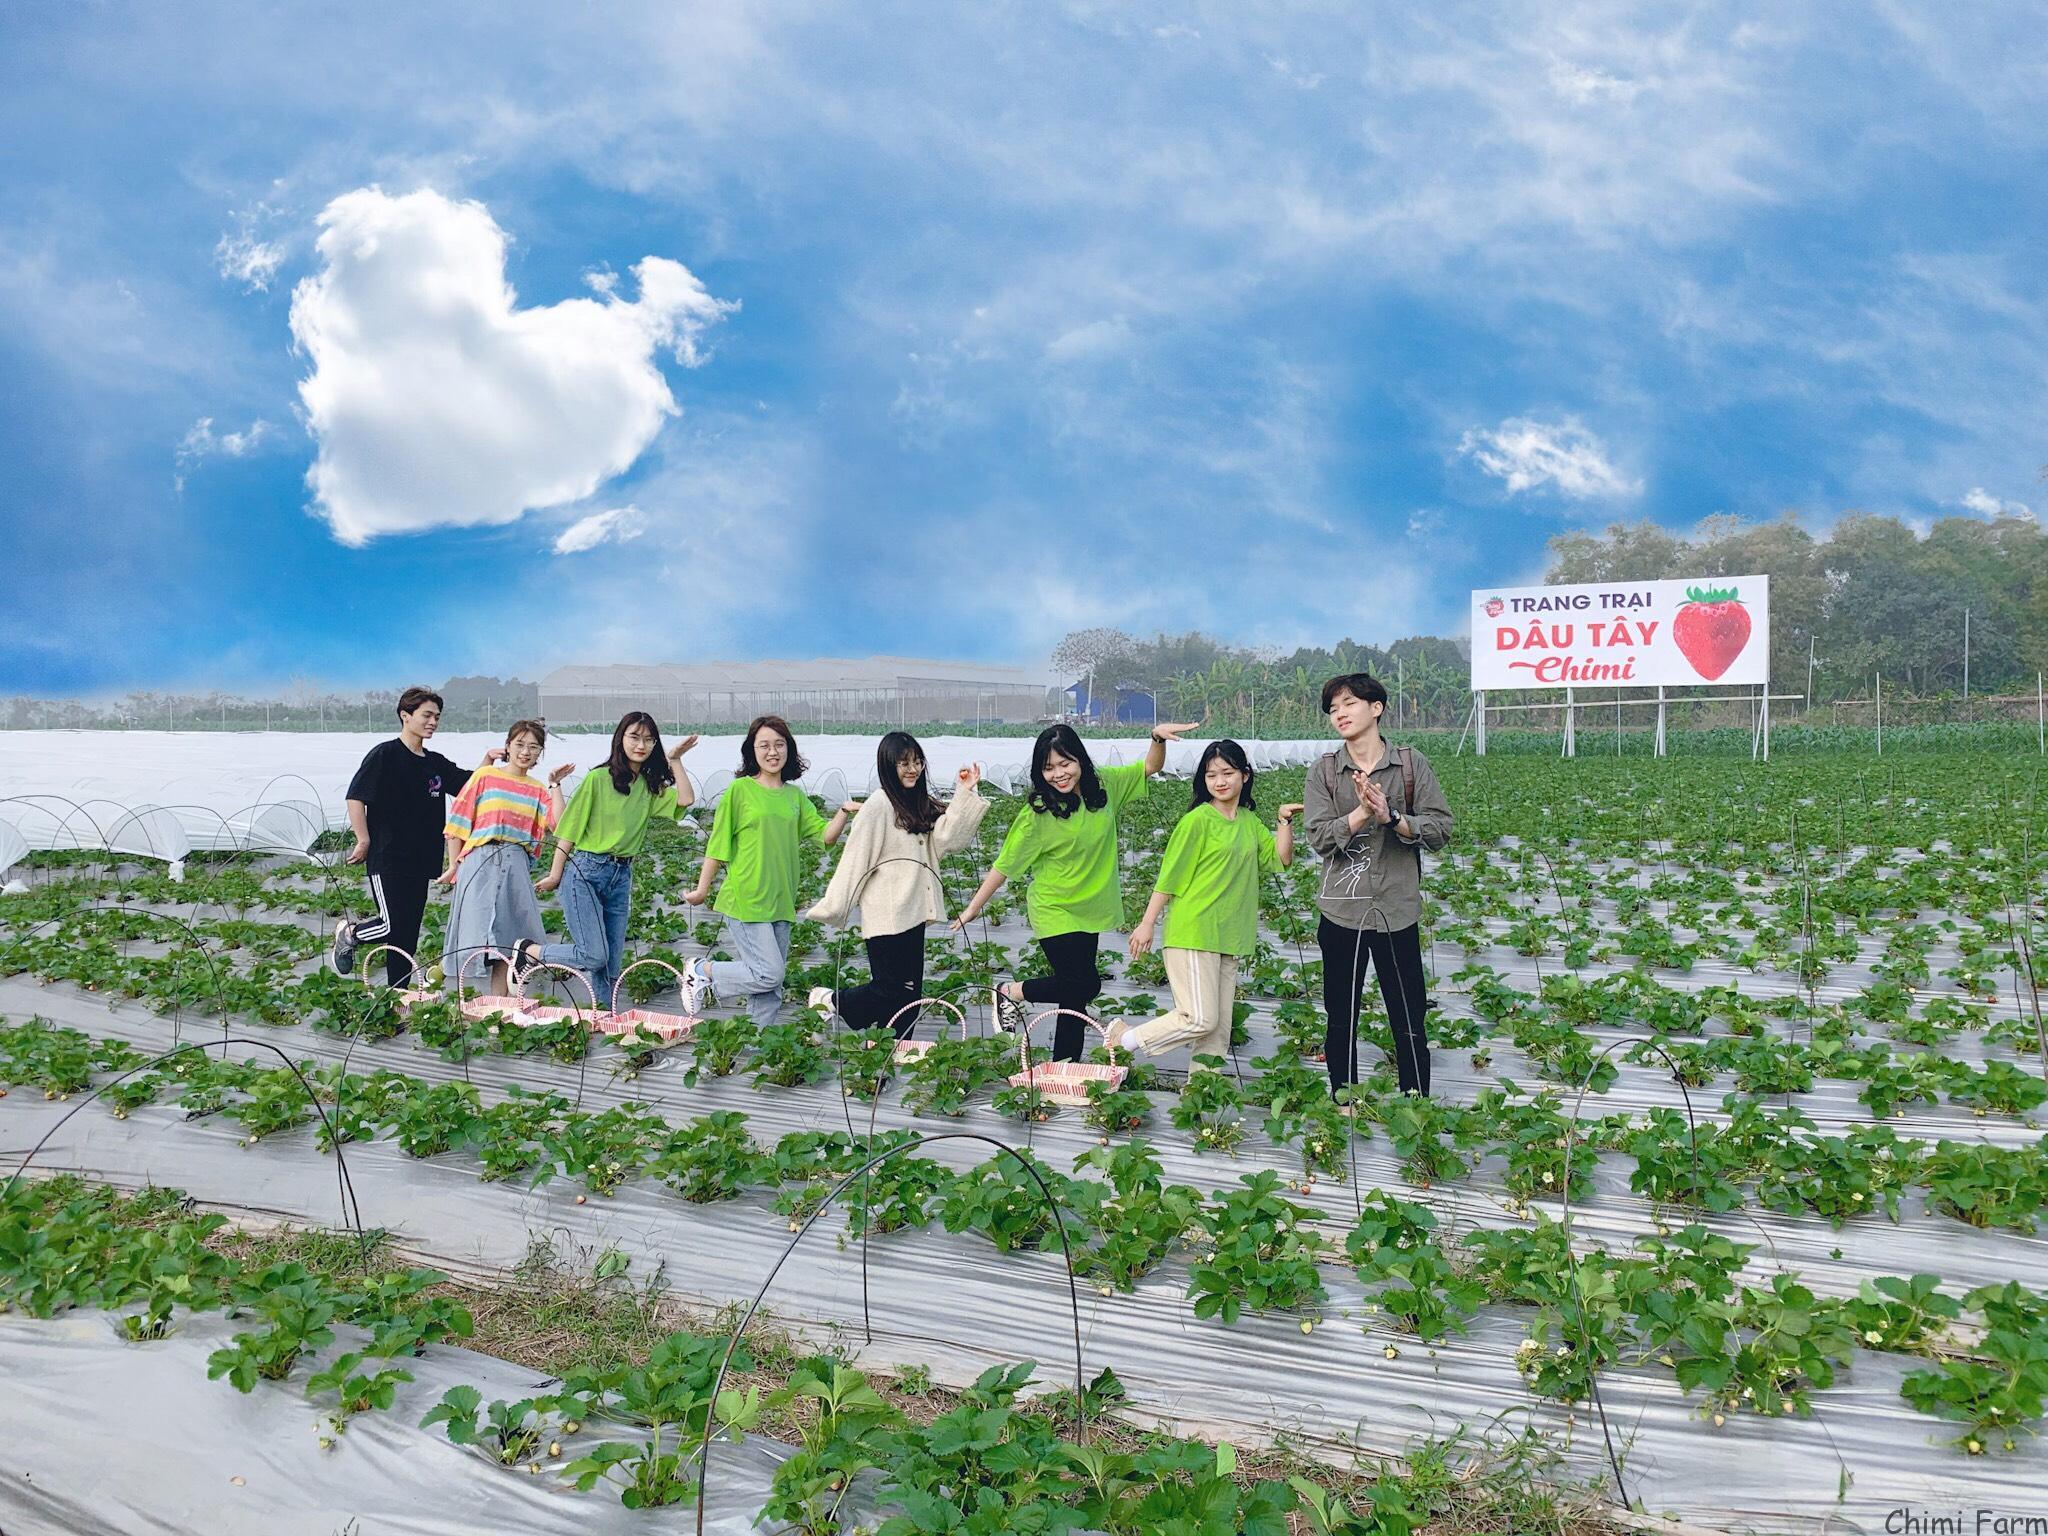 Chimi Farm 4 sẽ là điểm đến picnic cuối tuần cho các nhóm bạn trẻ